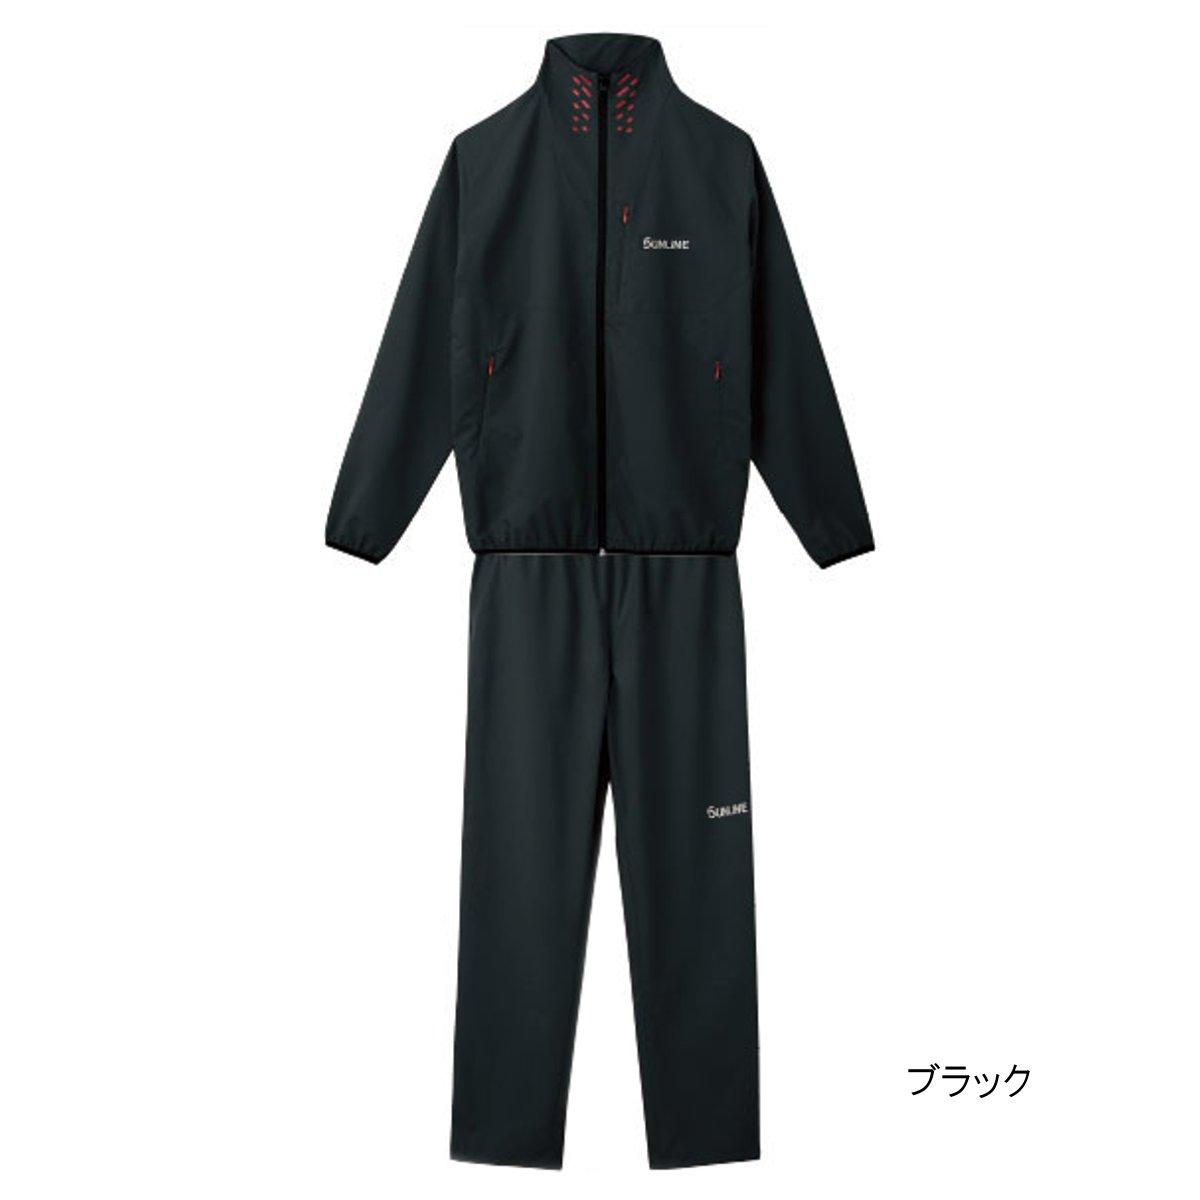 ライトストレッチスーツ SUW-3226 3L ブラック